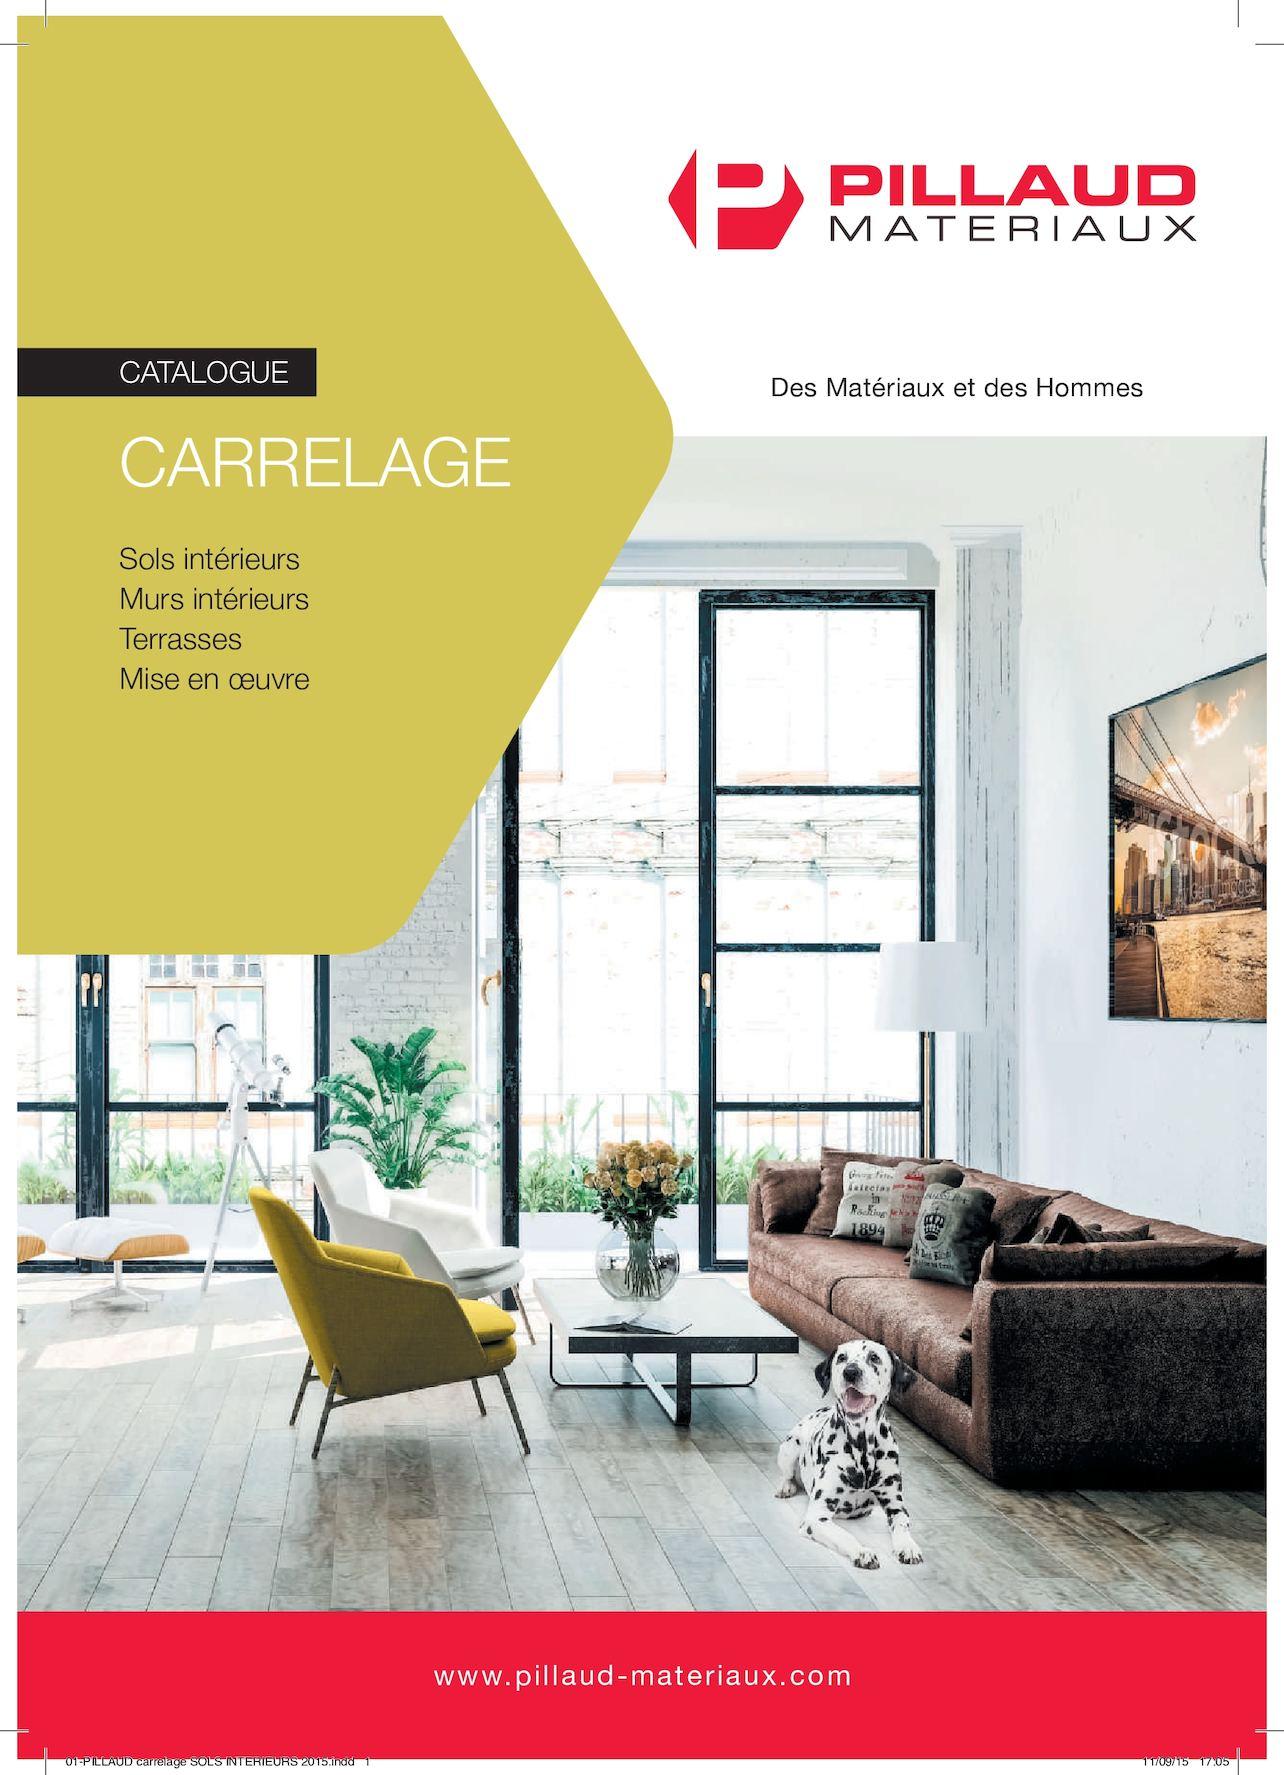 Carrelage Metro Blanc Joint Gris calaméo - catalogue carrelage pillaud